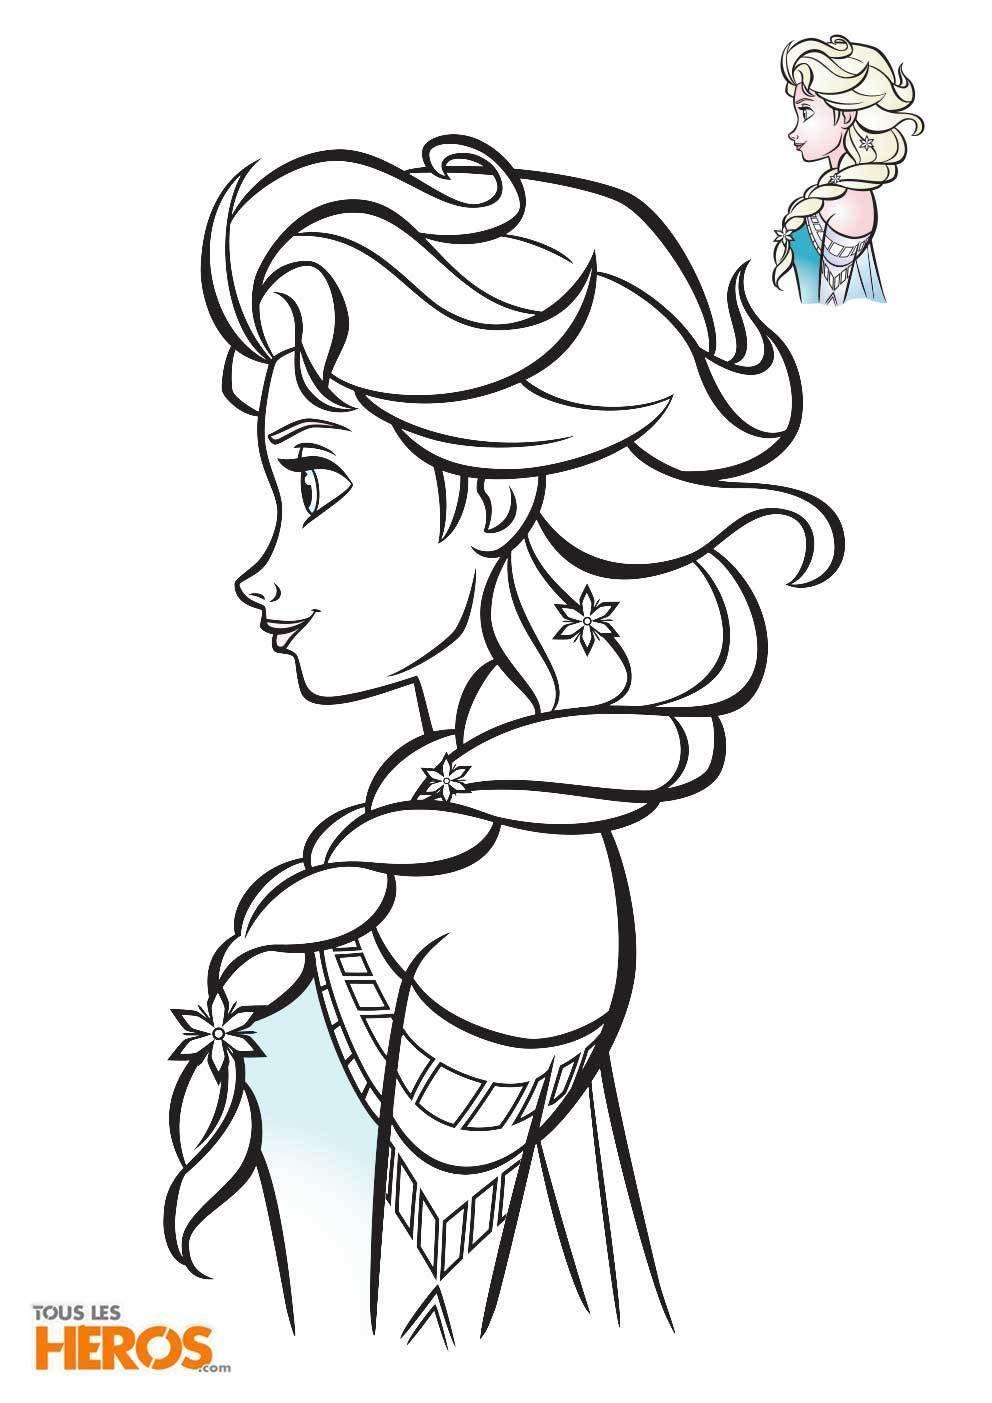 La Reine Des Neige Coloriage  Elsa coloring pages, Frozen